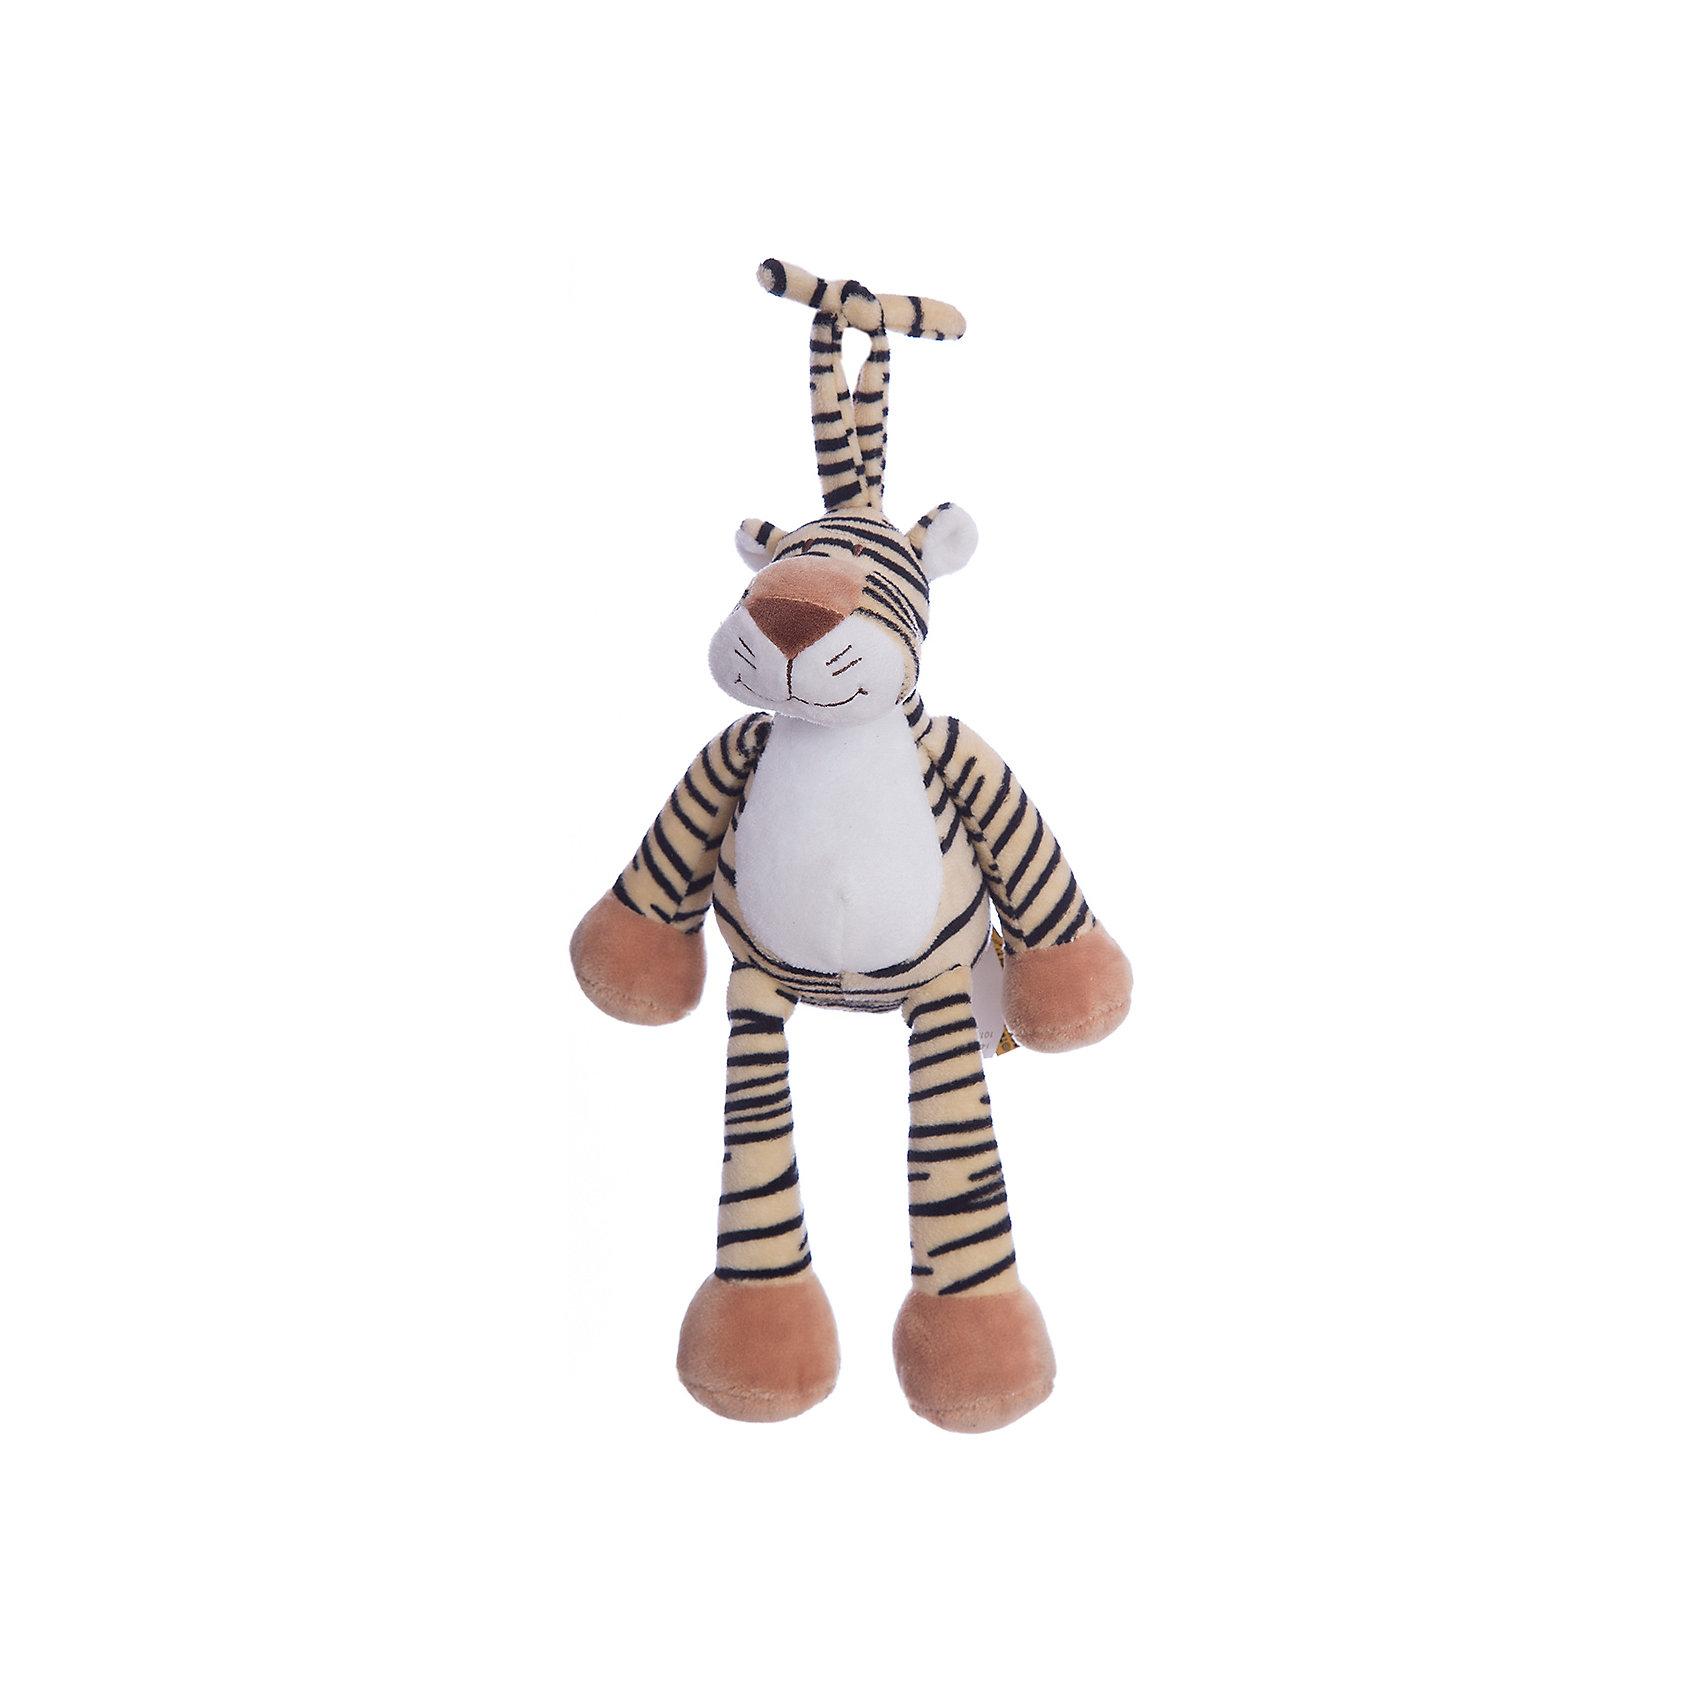 Музыкальная игрушка Тигр, Динглисар, TeddykompanietМузыкальные инструменты и игрушки<br>Характеристики мягкой игрушки Teddykompaniet:<br><br>• размер тигра: 25 см;<br>• серия: Динглисар;<br>• активация музыкальных эффектов: потянуть игрушку за хвост;<br>• материал: плюш, синтетический наполнитель.<br><br>Игрушка-подвеска с музыкальным мобилем развивает тактильное восприятие малыша, а также слуховое и зрительное восприятие. Тигр Teddykompaniet выполнен из мягкого гипоаллергенного материала, внутри мягкий наполнитель.  <br><br>Музыкальную игрушку Тигр, Динглисар, Teddykompaniet можно купить в нашем интернет-магазине.<br><br>Ширина мм: 250<br>Глубина мм: 250<br>Высота мм: 100<br>Вес г: 250<br>Возраст от месяцев: 0<br>Возраст до месяцев: 36<br>Пол: Унисекс<br>Возраст: Детский<br>SKU: 4903933